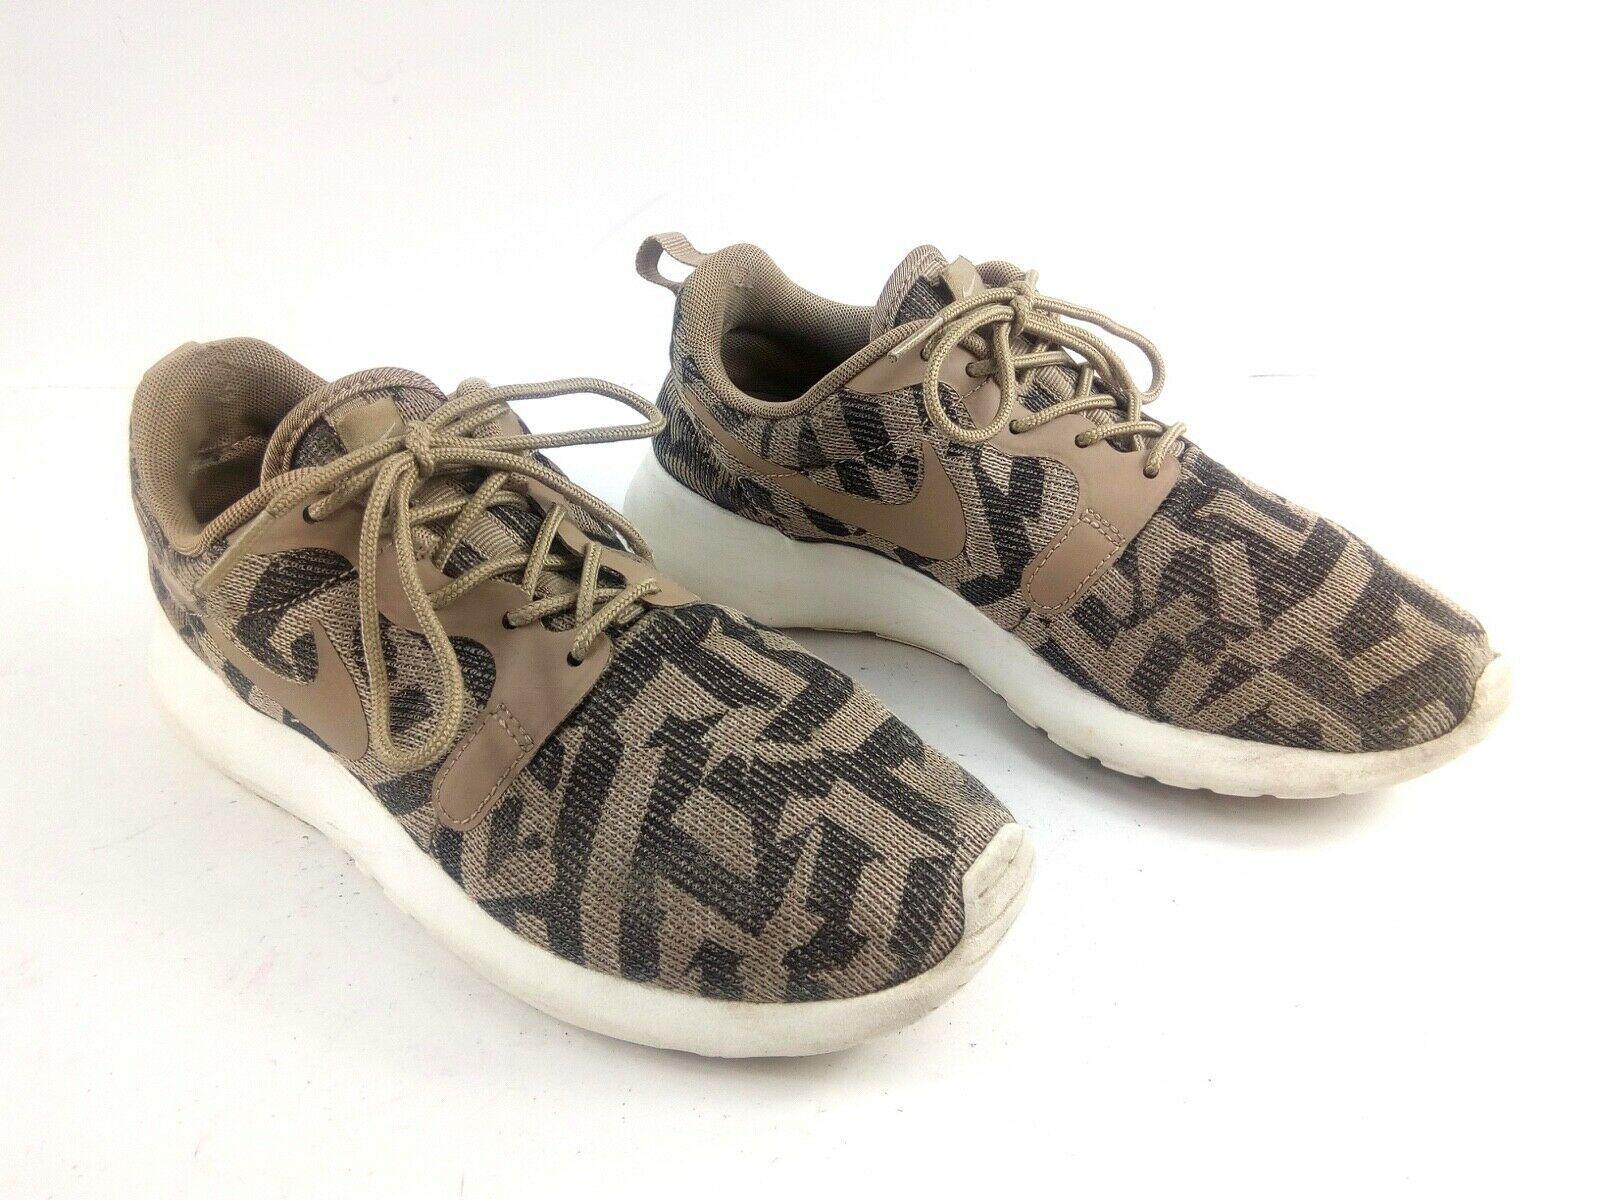 Nike Women's Sneakers 6.5 Roshe Run One Jacquard Beige Desert Camo 705217 200 image 2